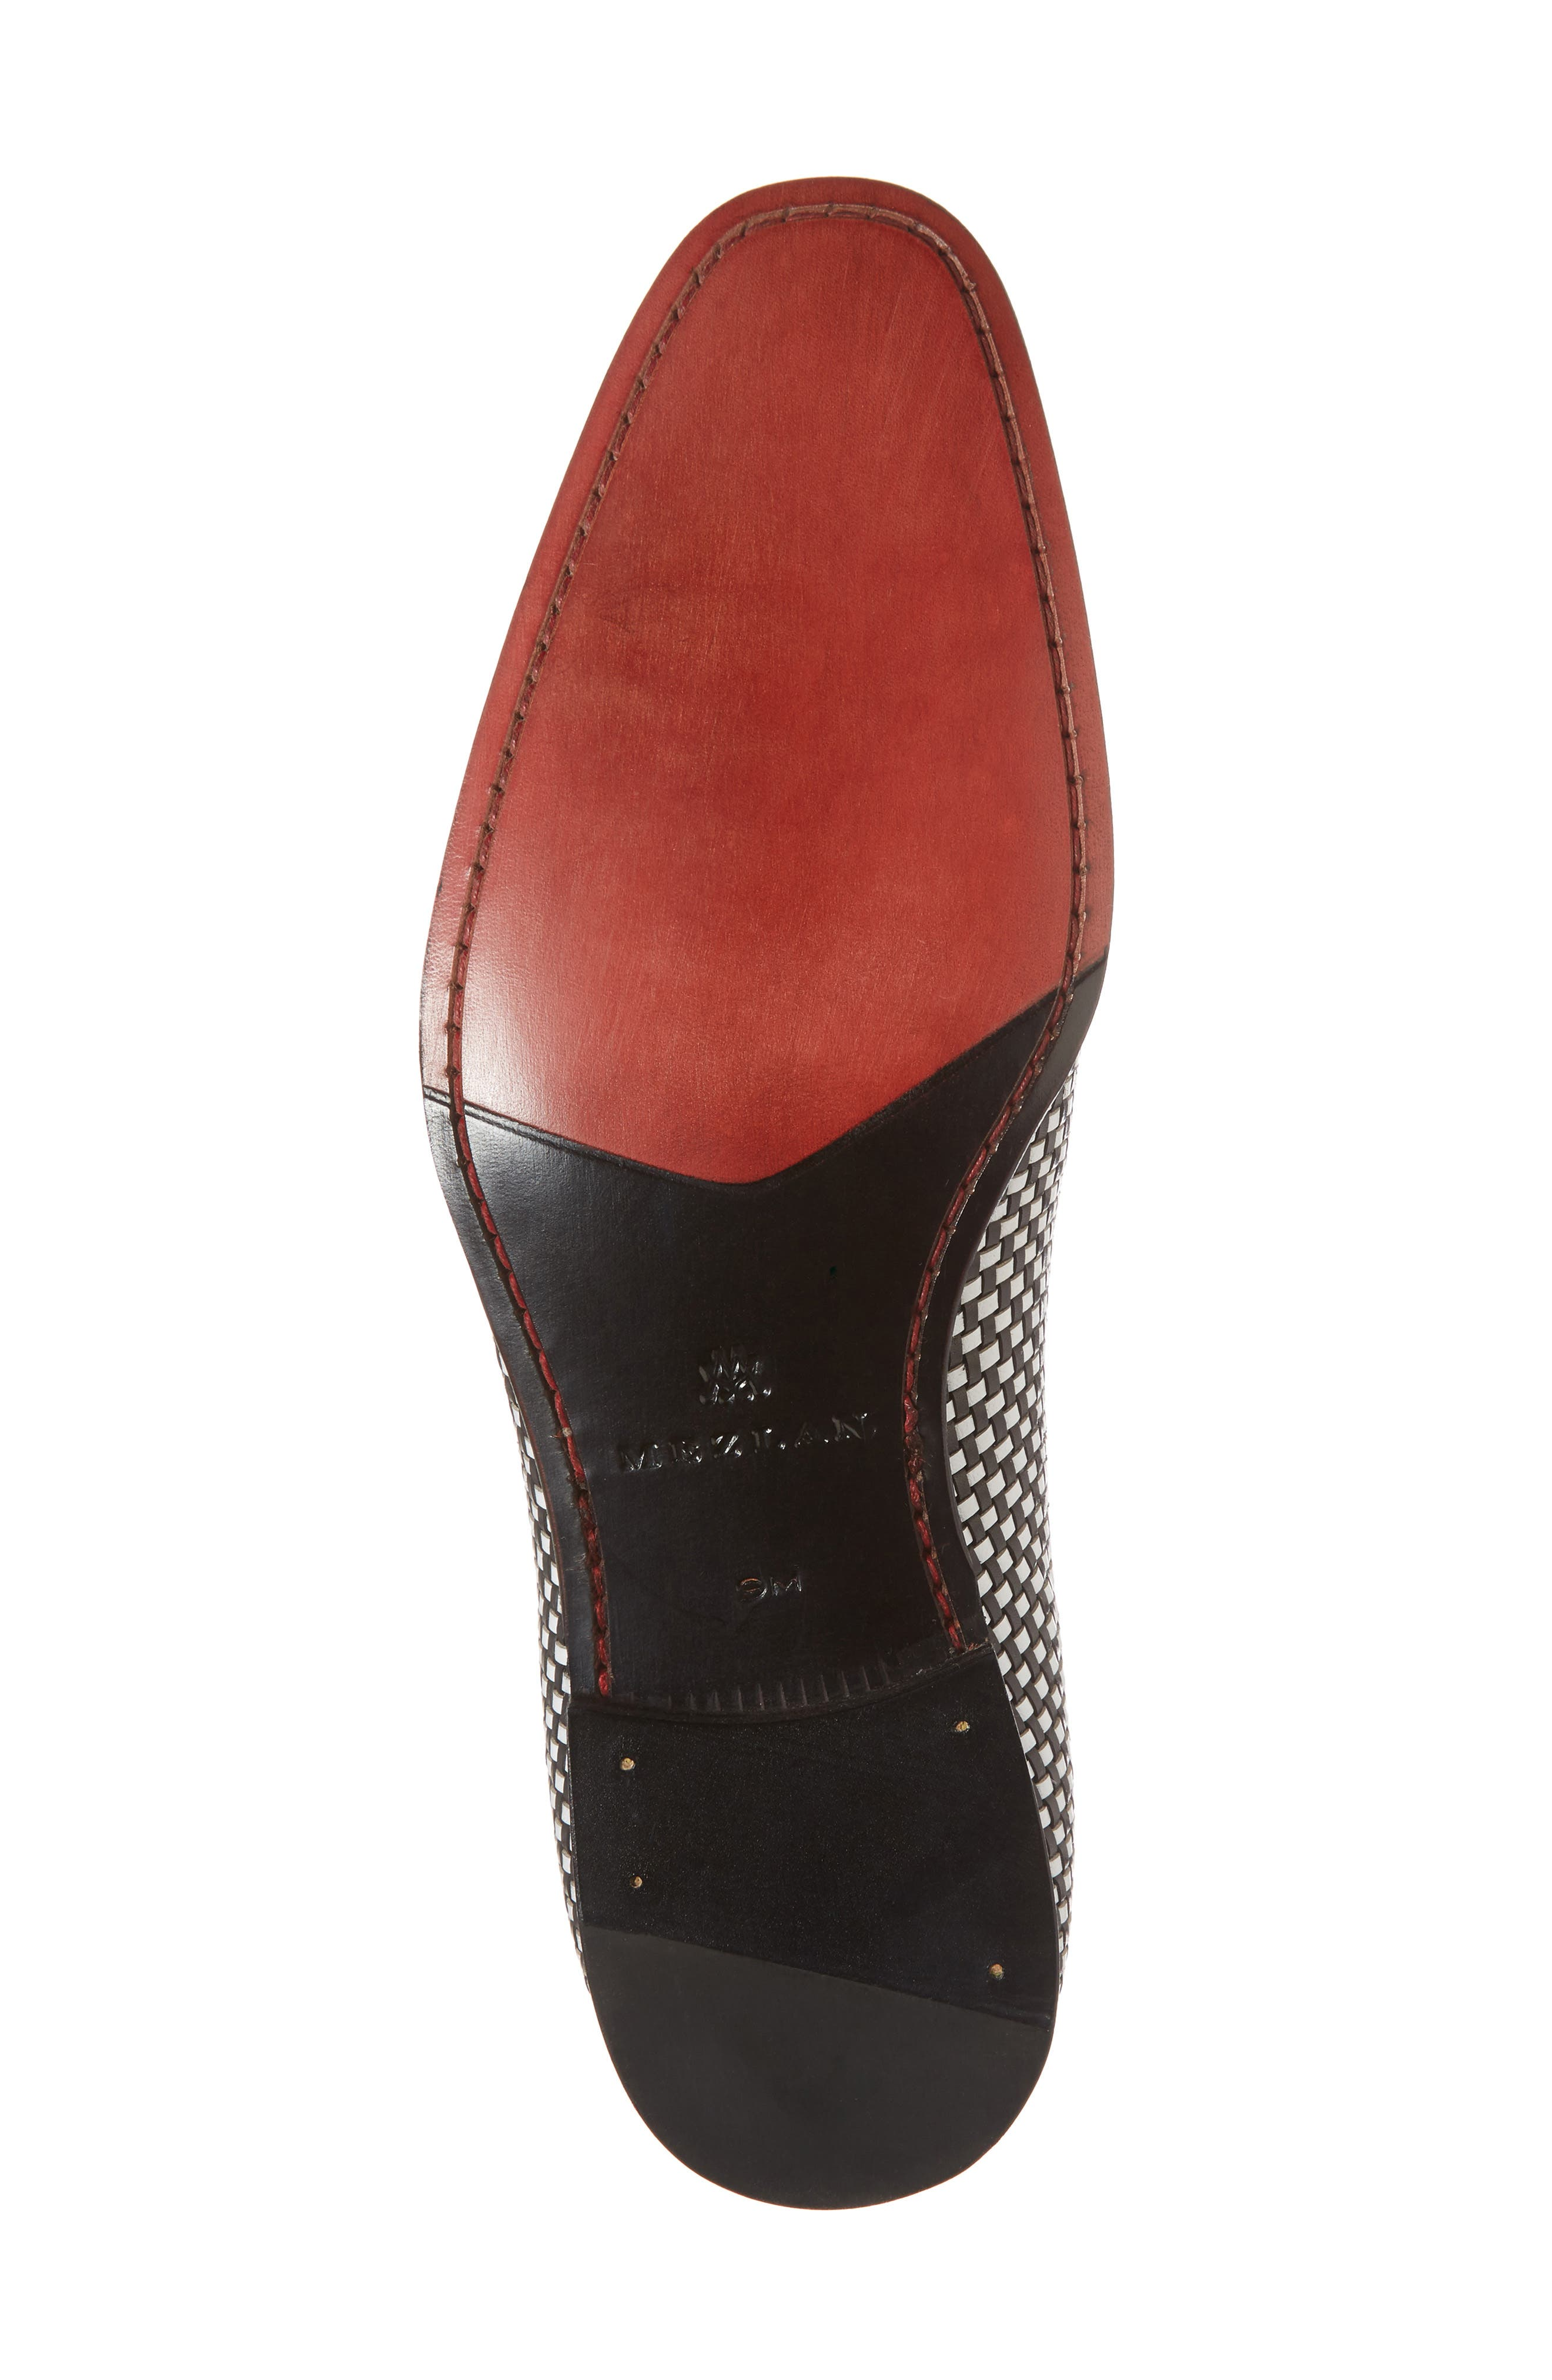 Egeo Tassel Loafer,                             Alternate thumbnail 6, color,                             Black/ White Leather